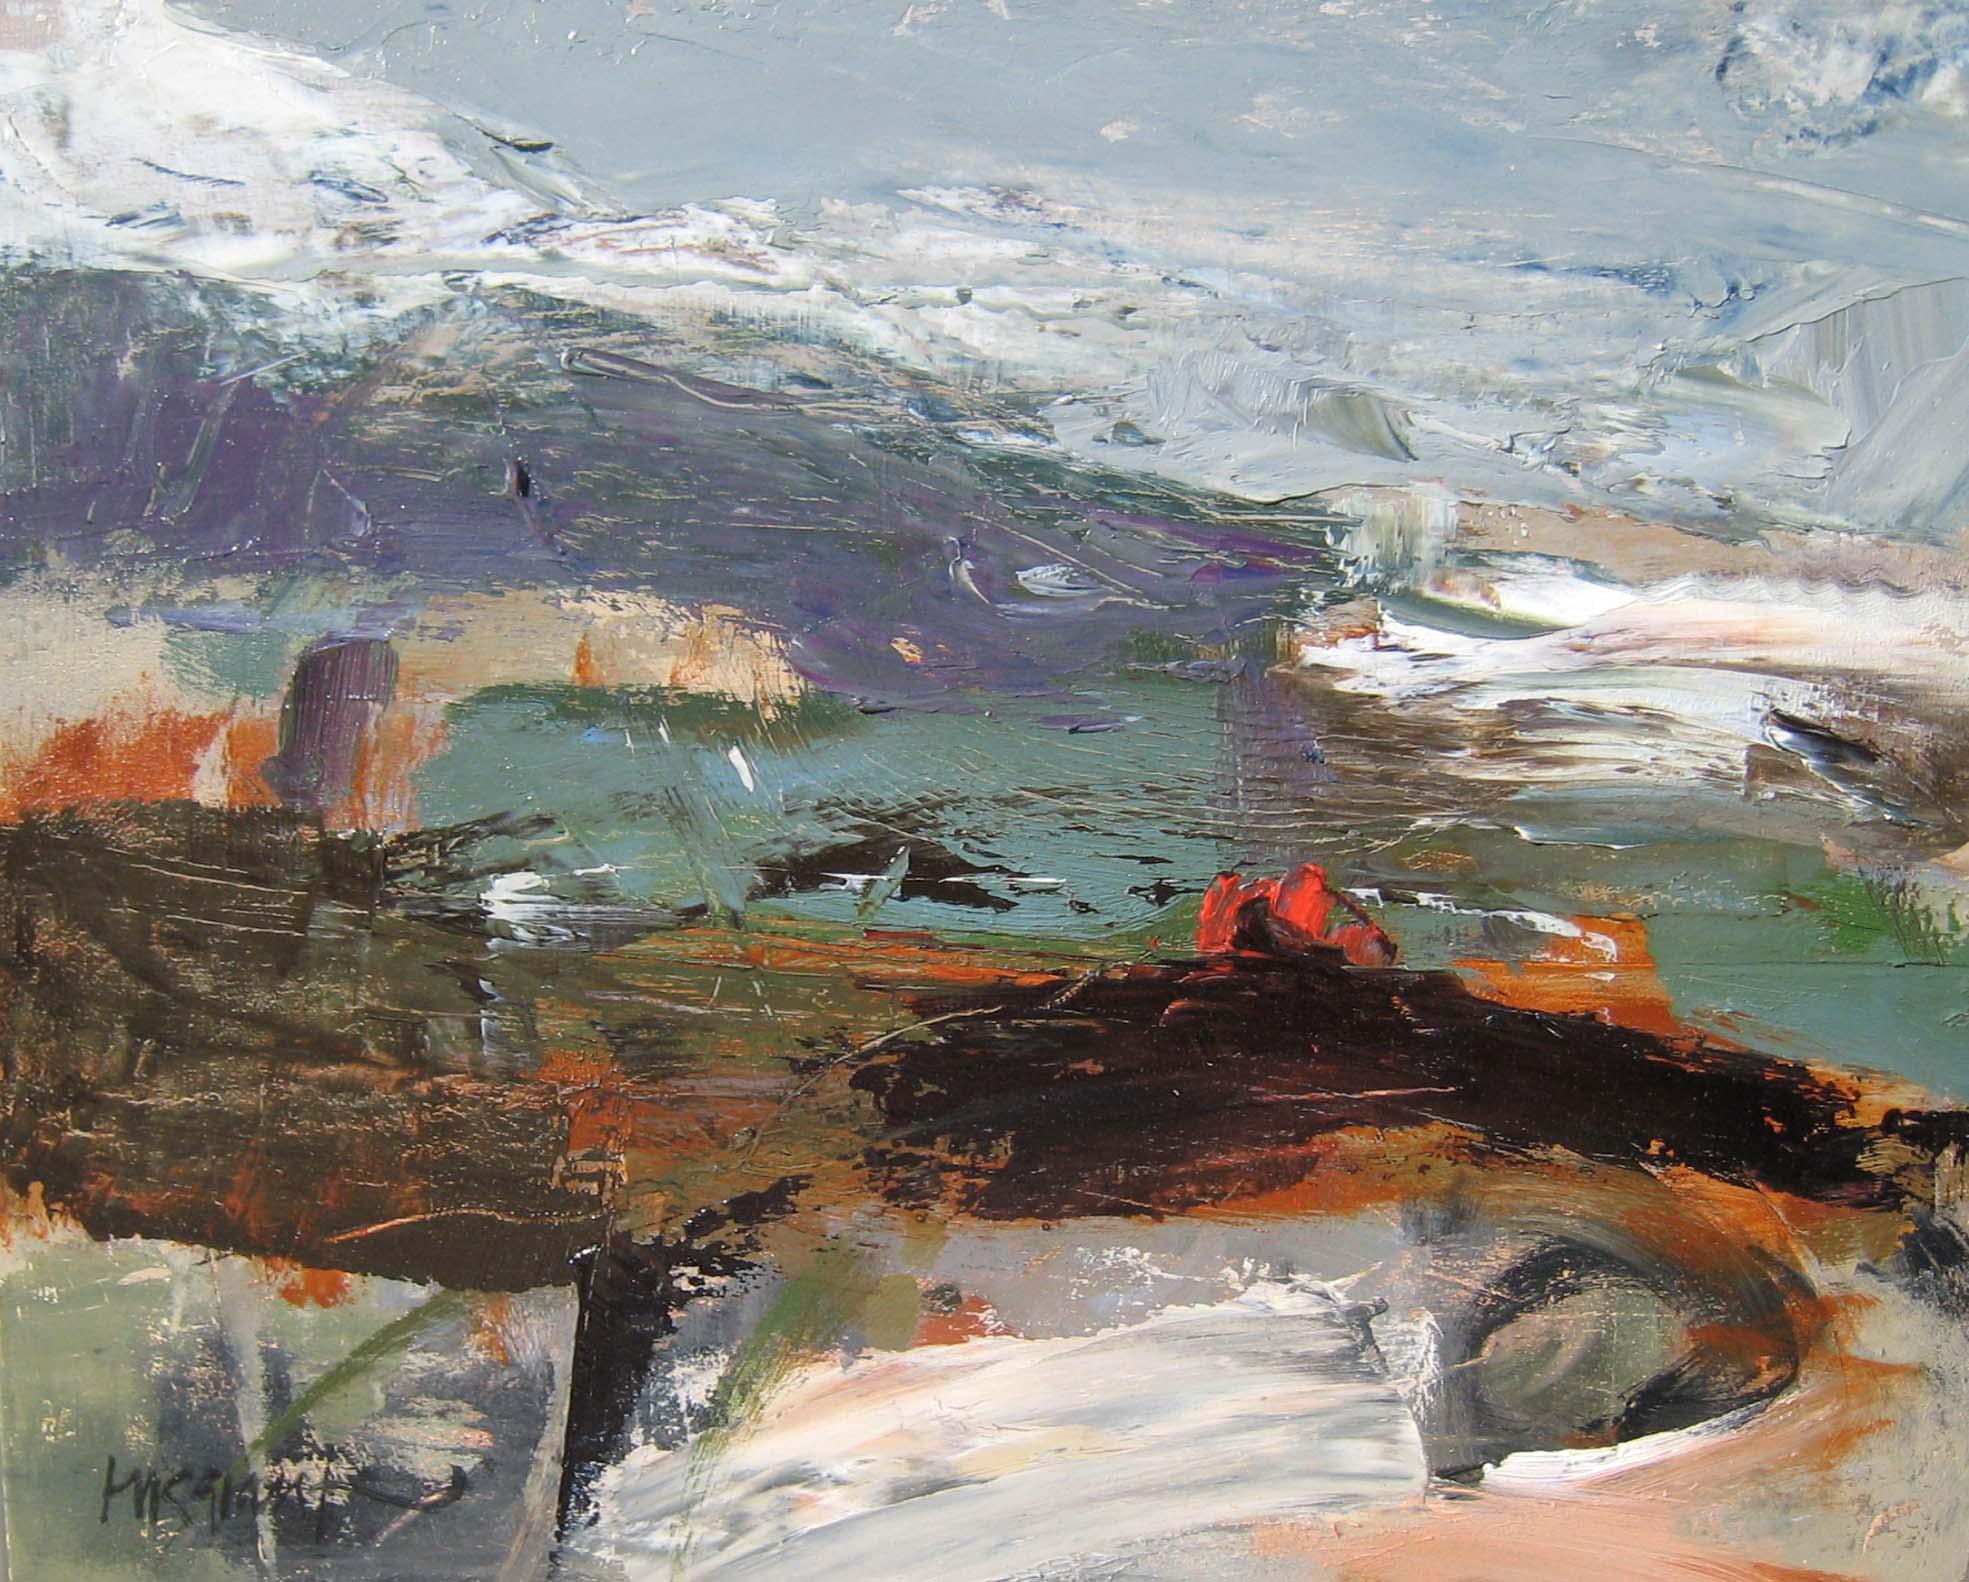 Tussocks and Peat Bog series • Sold